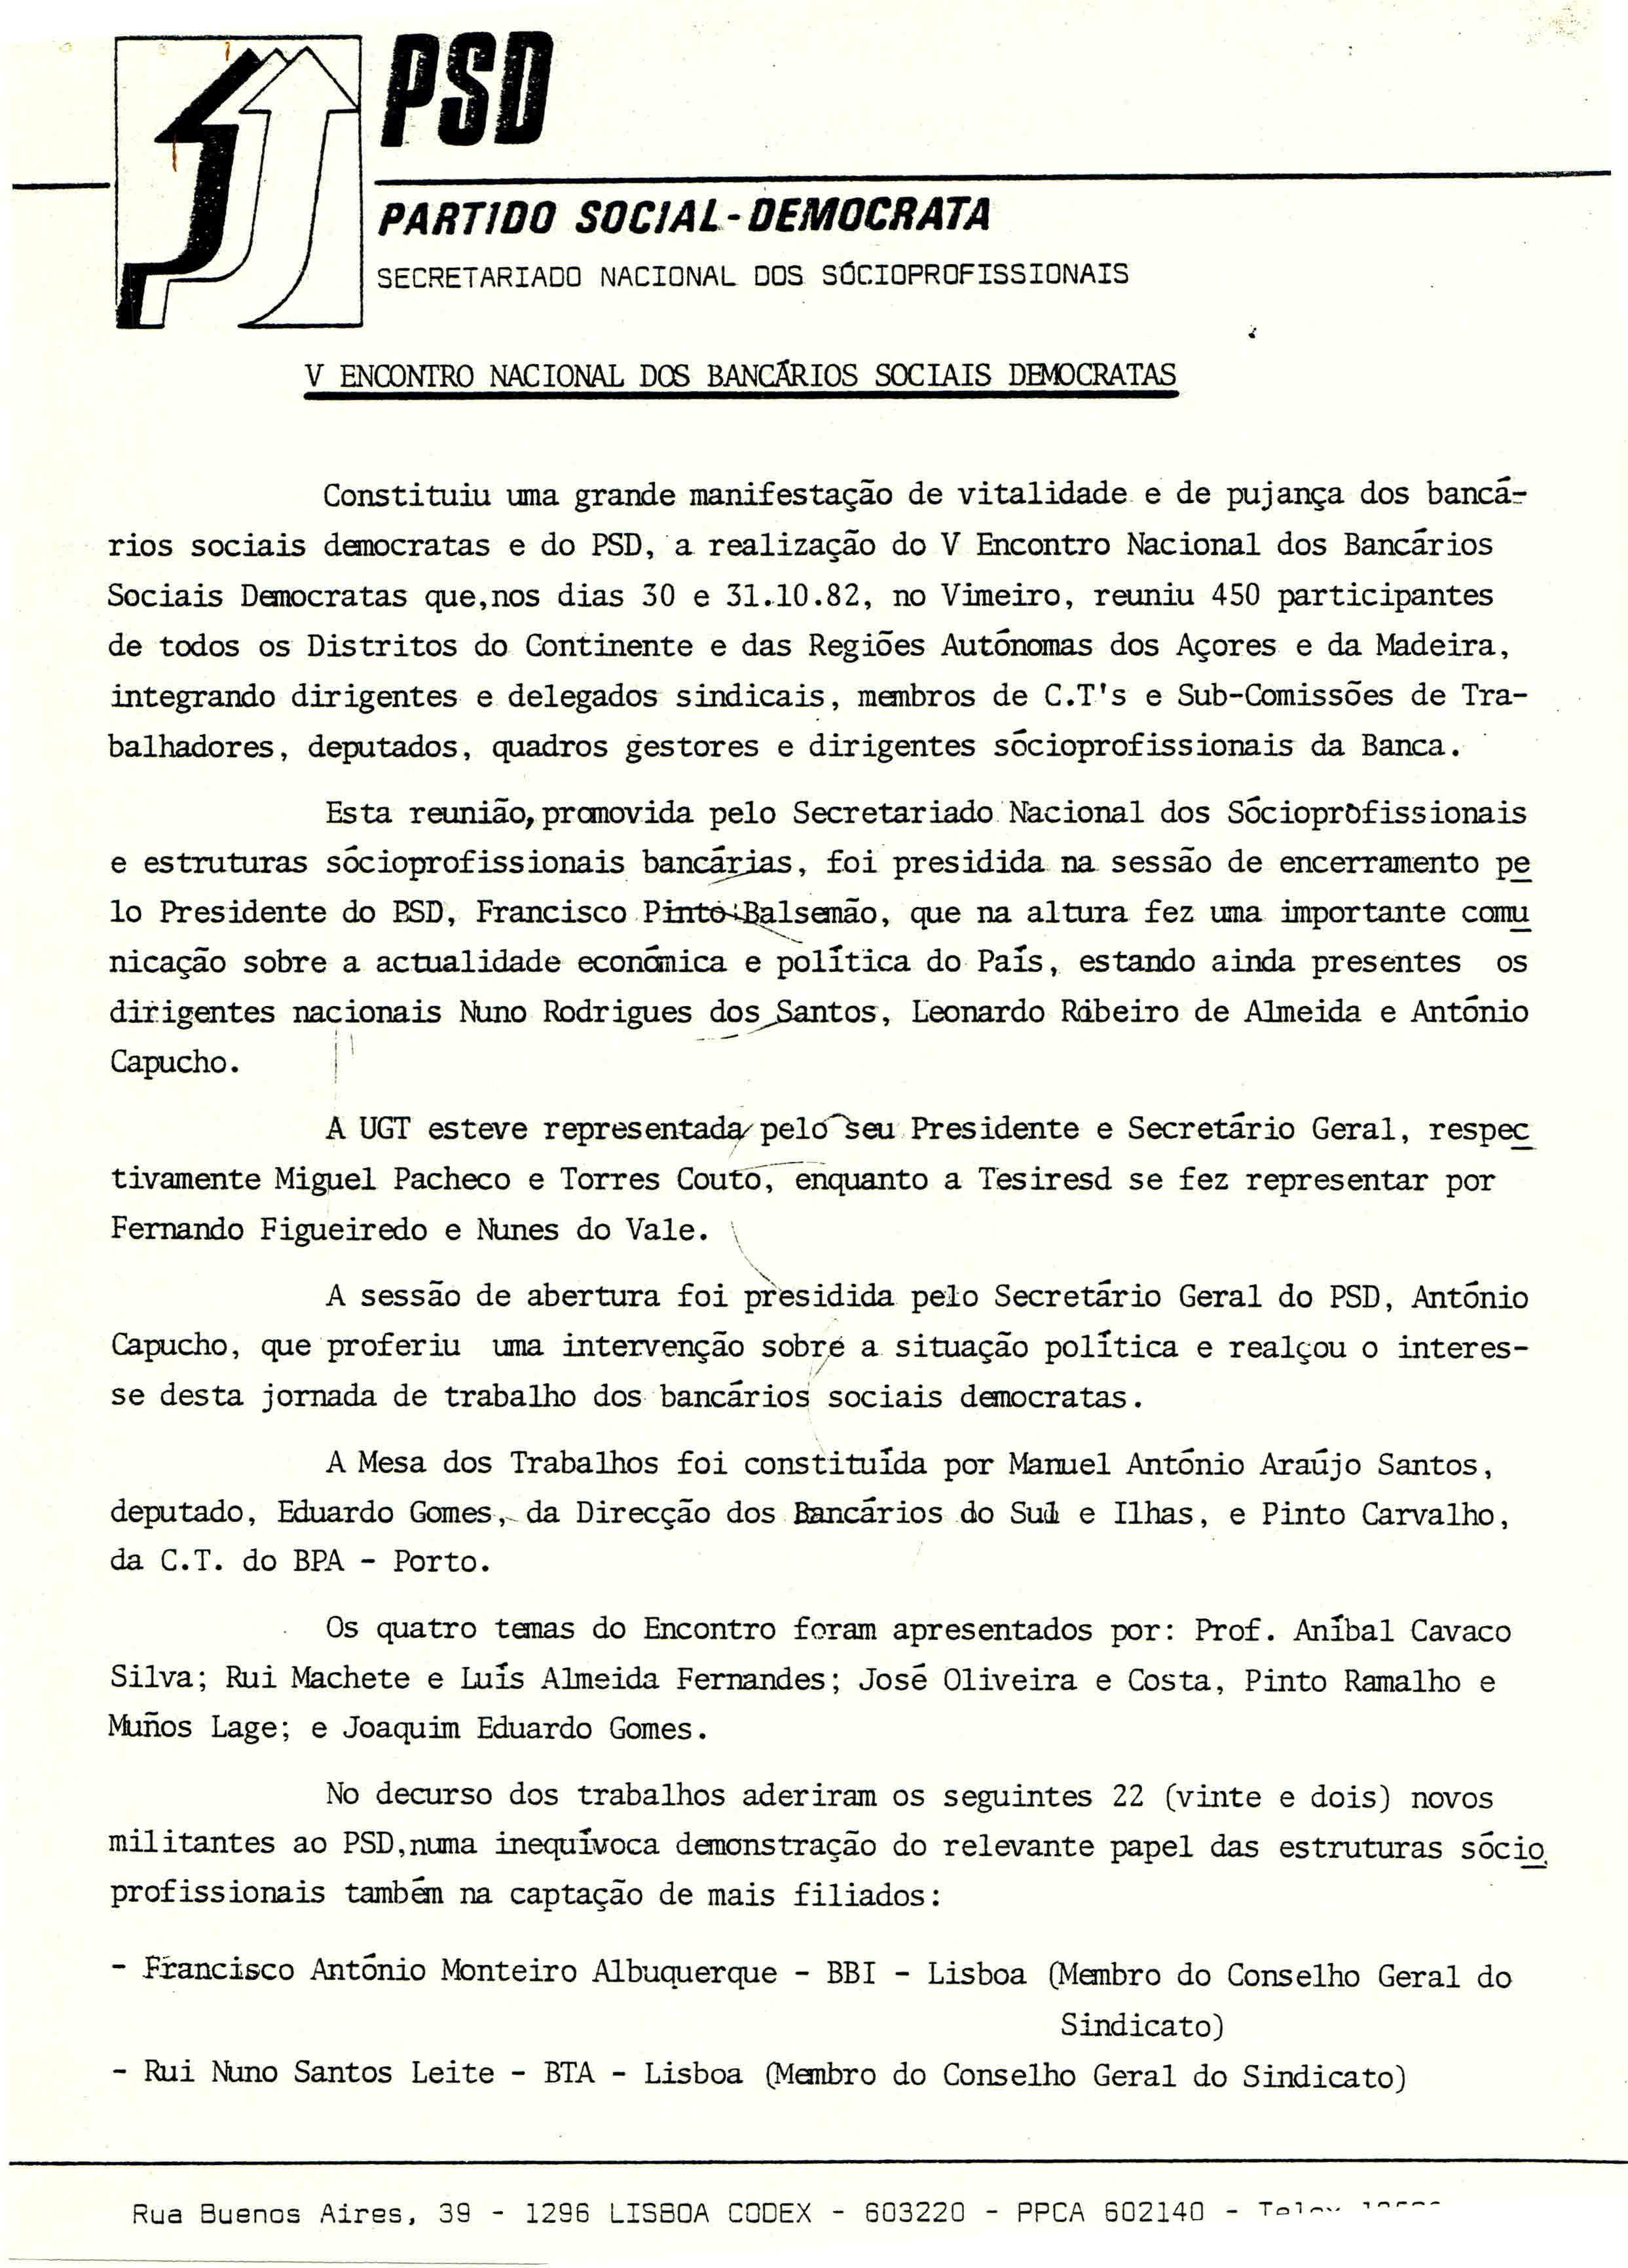 Copy of v ncontro vimeiro 30-31-10-1982